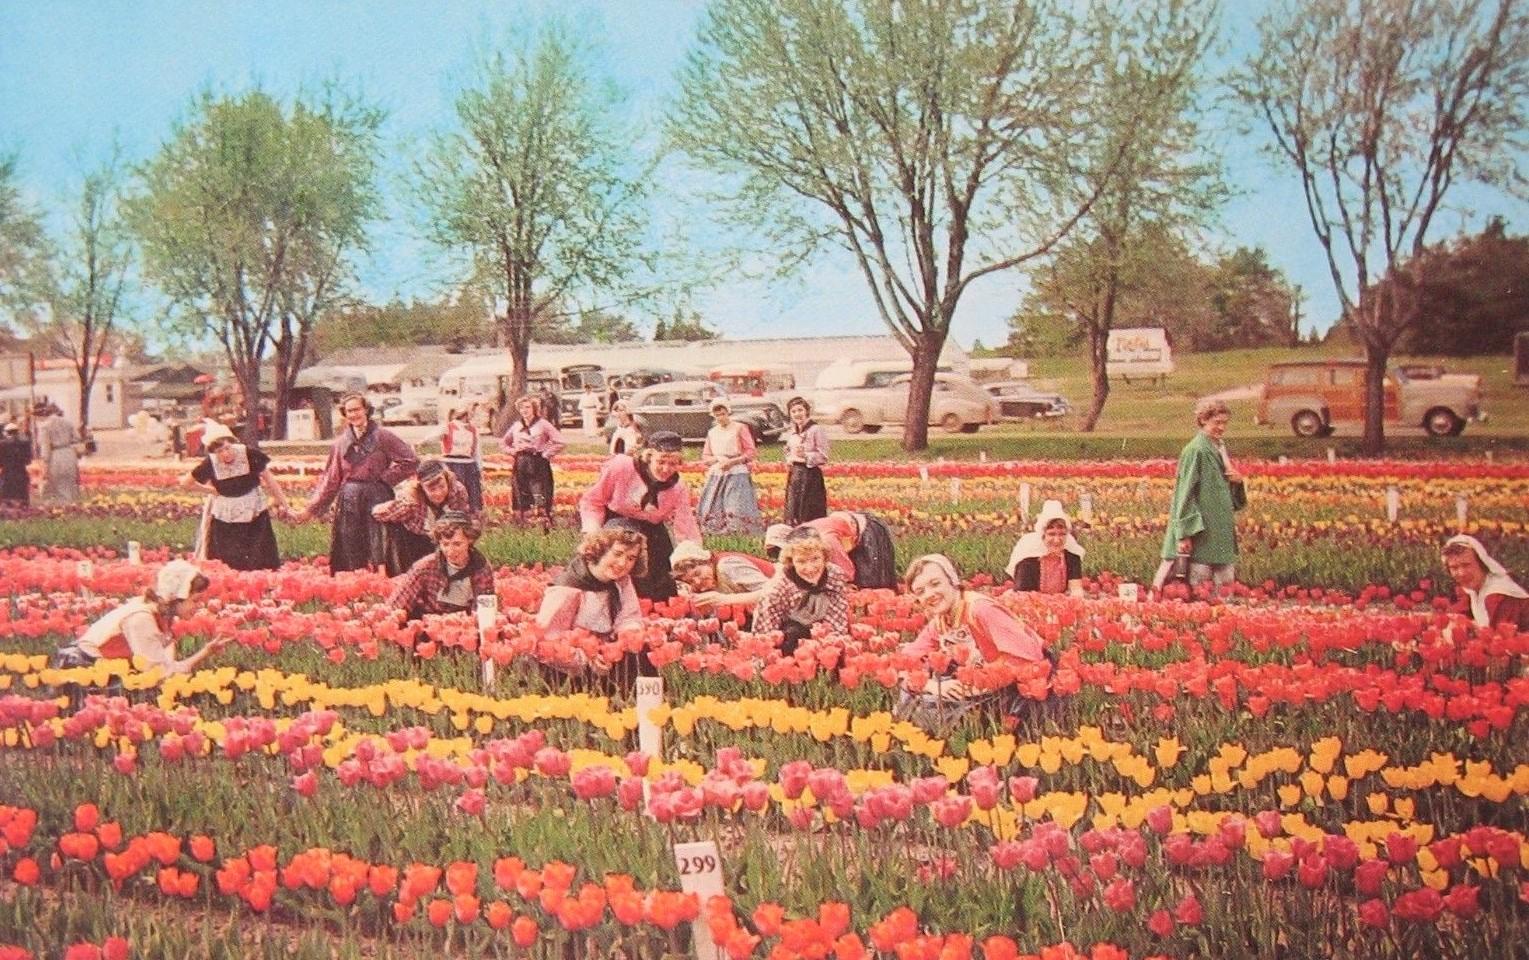 Tulip fields in Holland, Michigan 1960's era postcard 1